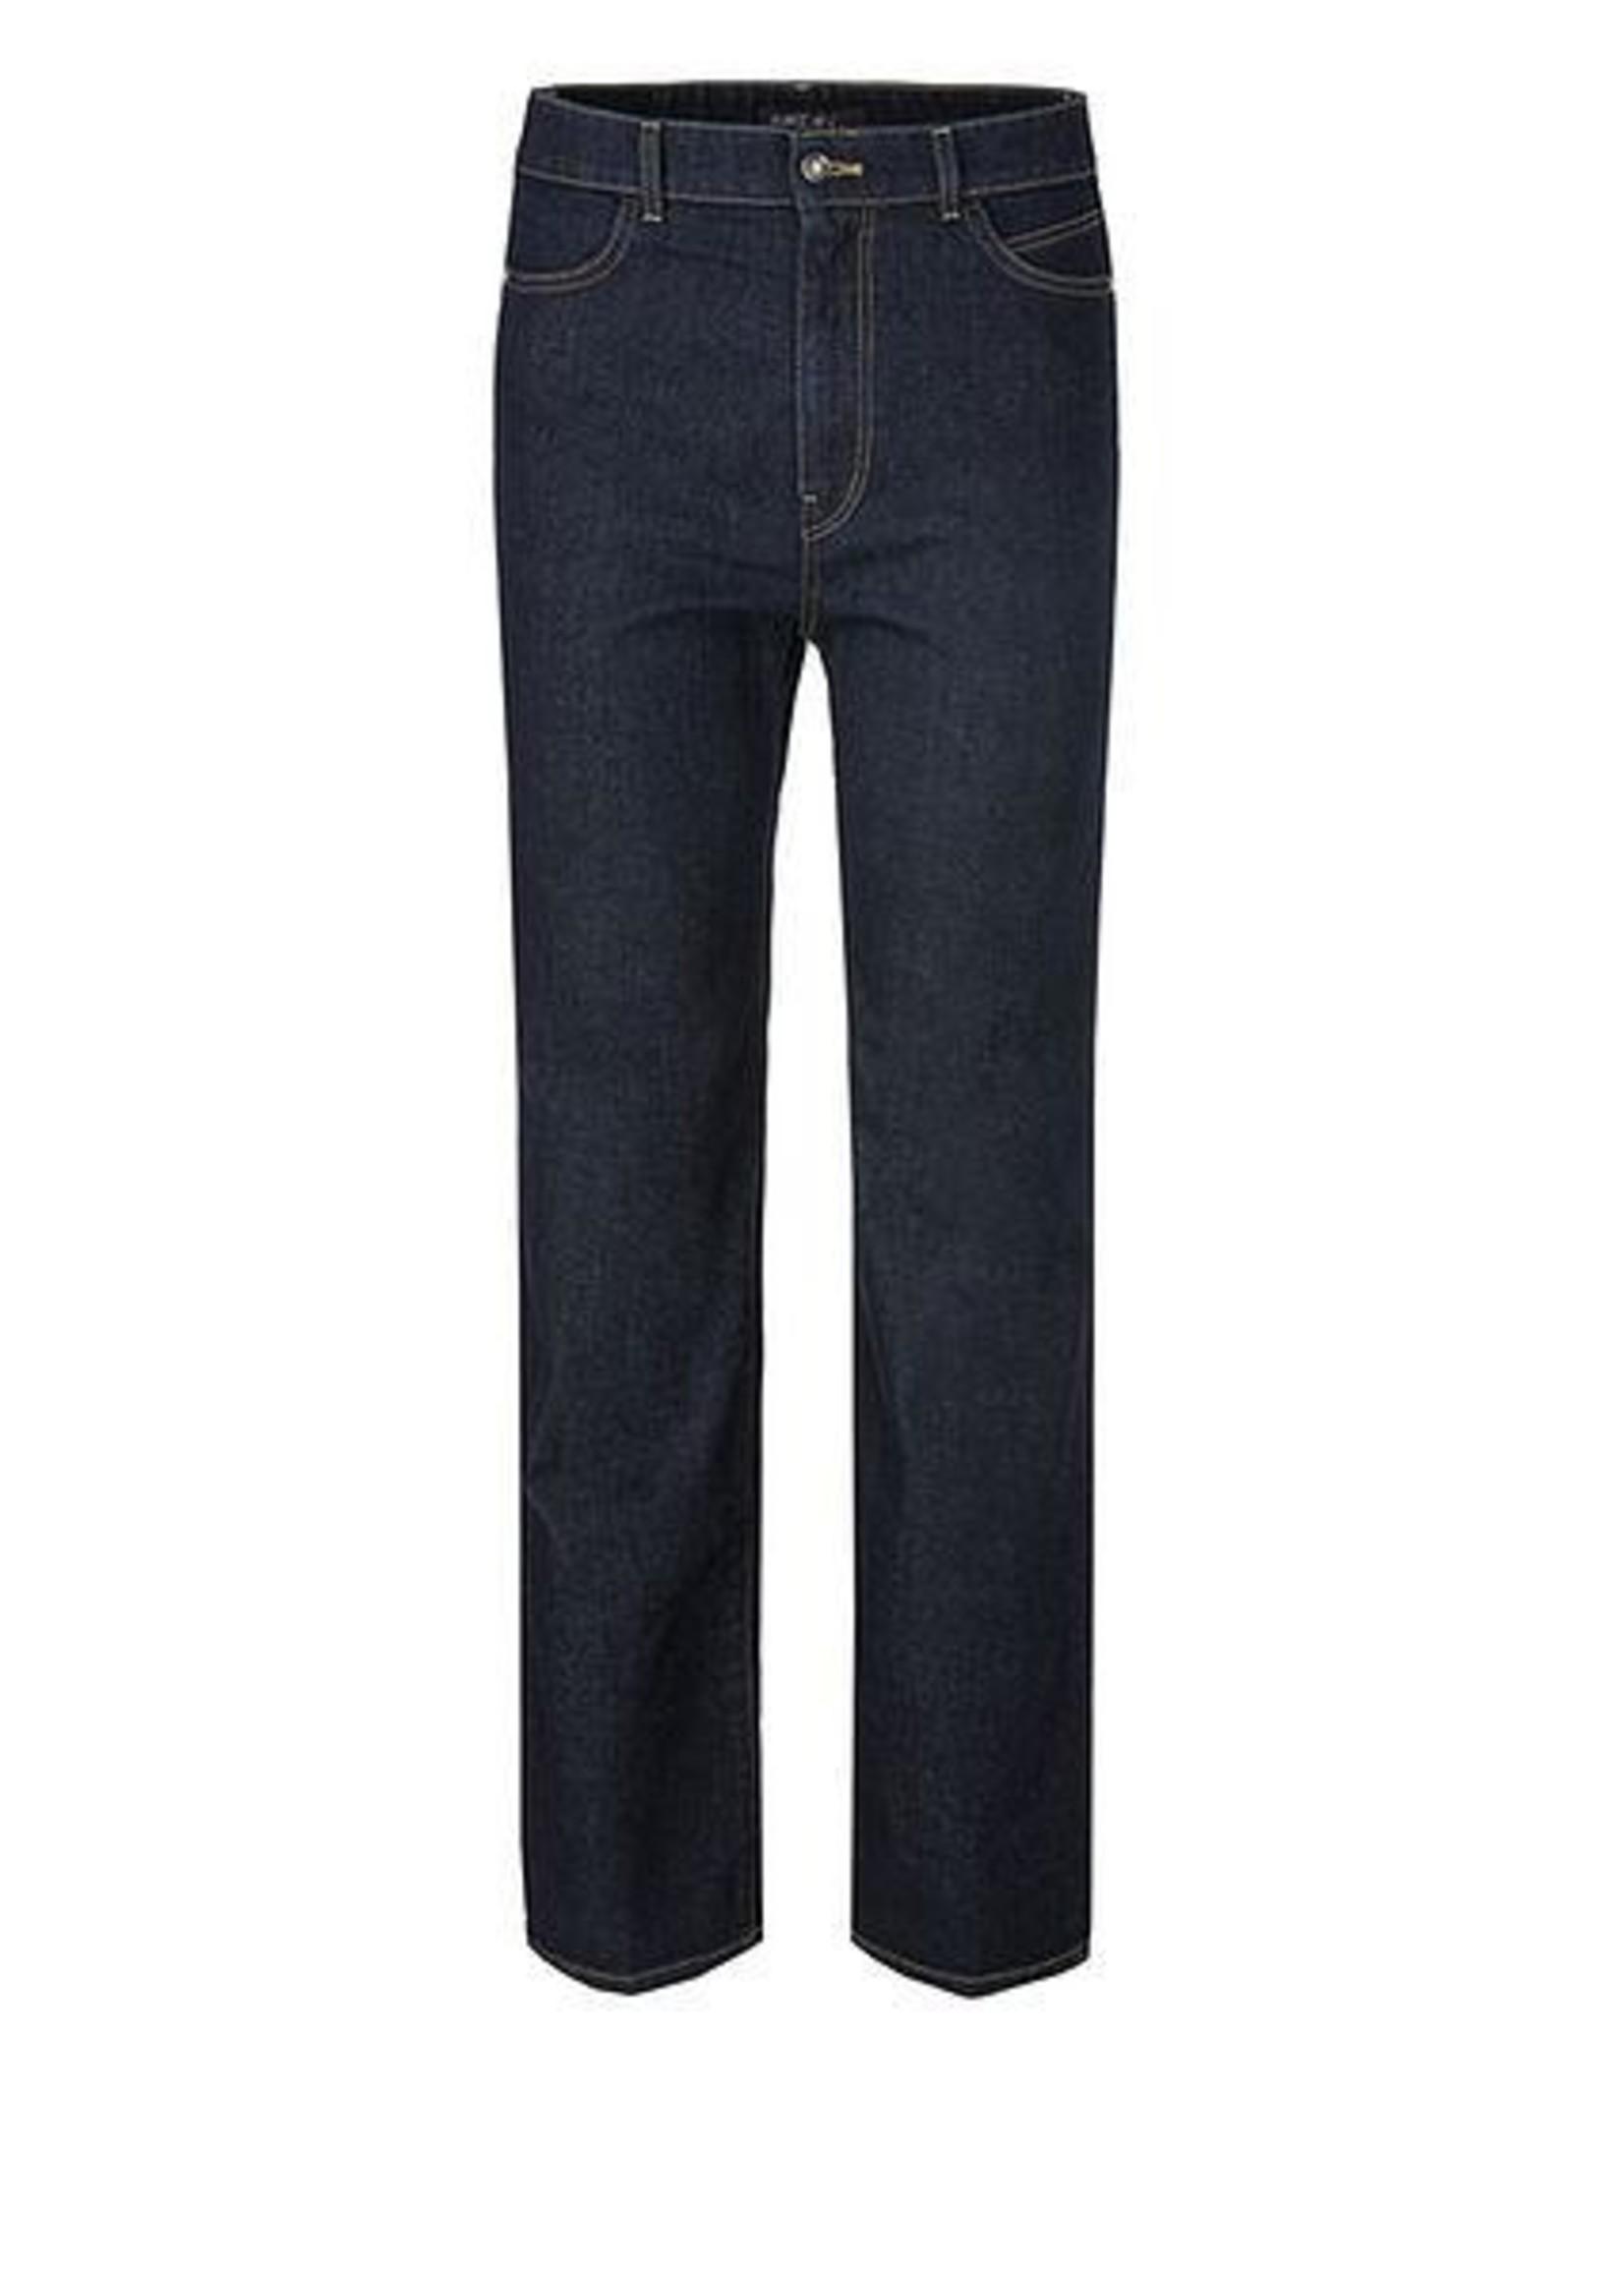 Jeans QC 82.05 D04